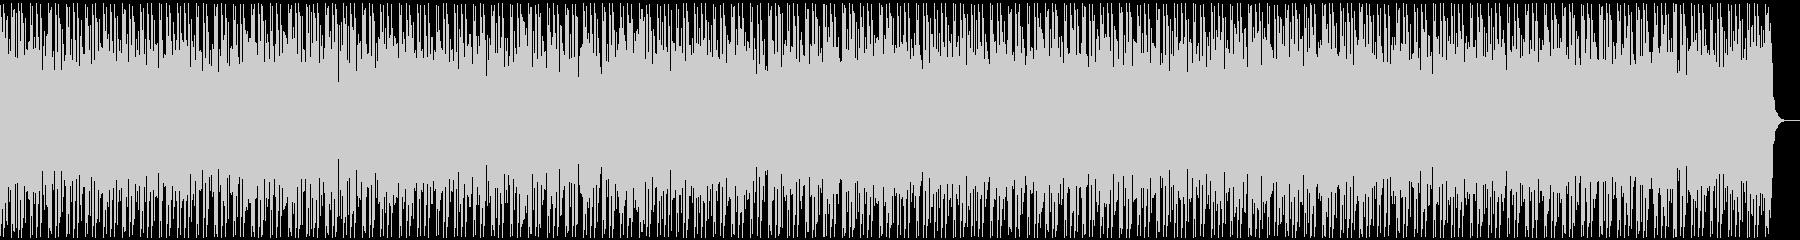 フリースタイル用ビート(あやしい)の未再生の波形